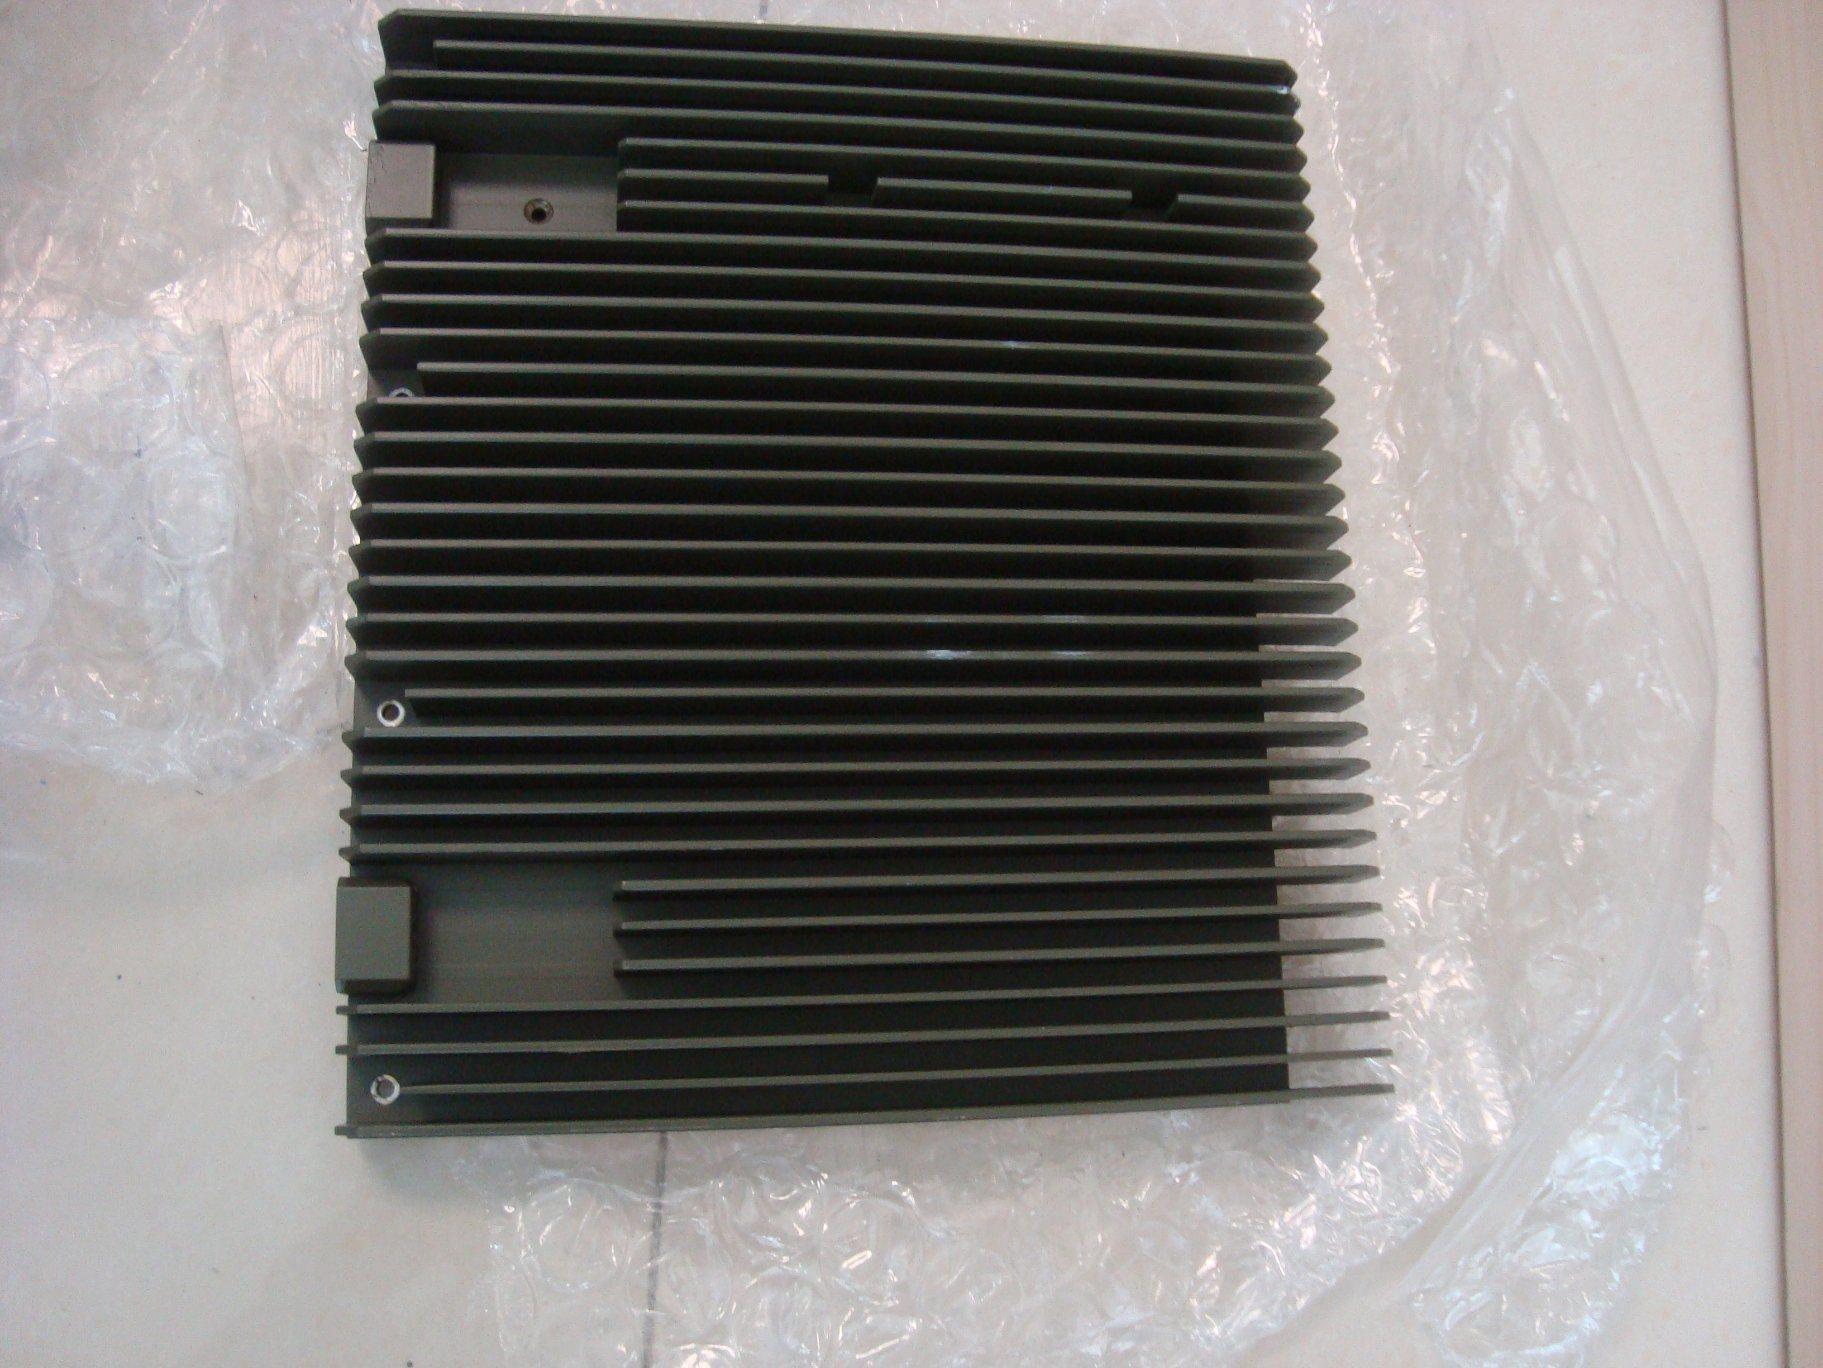 Aluminium Heat Sink for Vidio